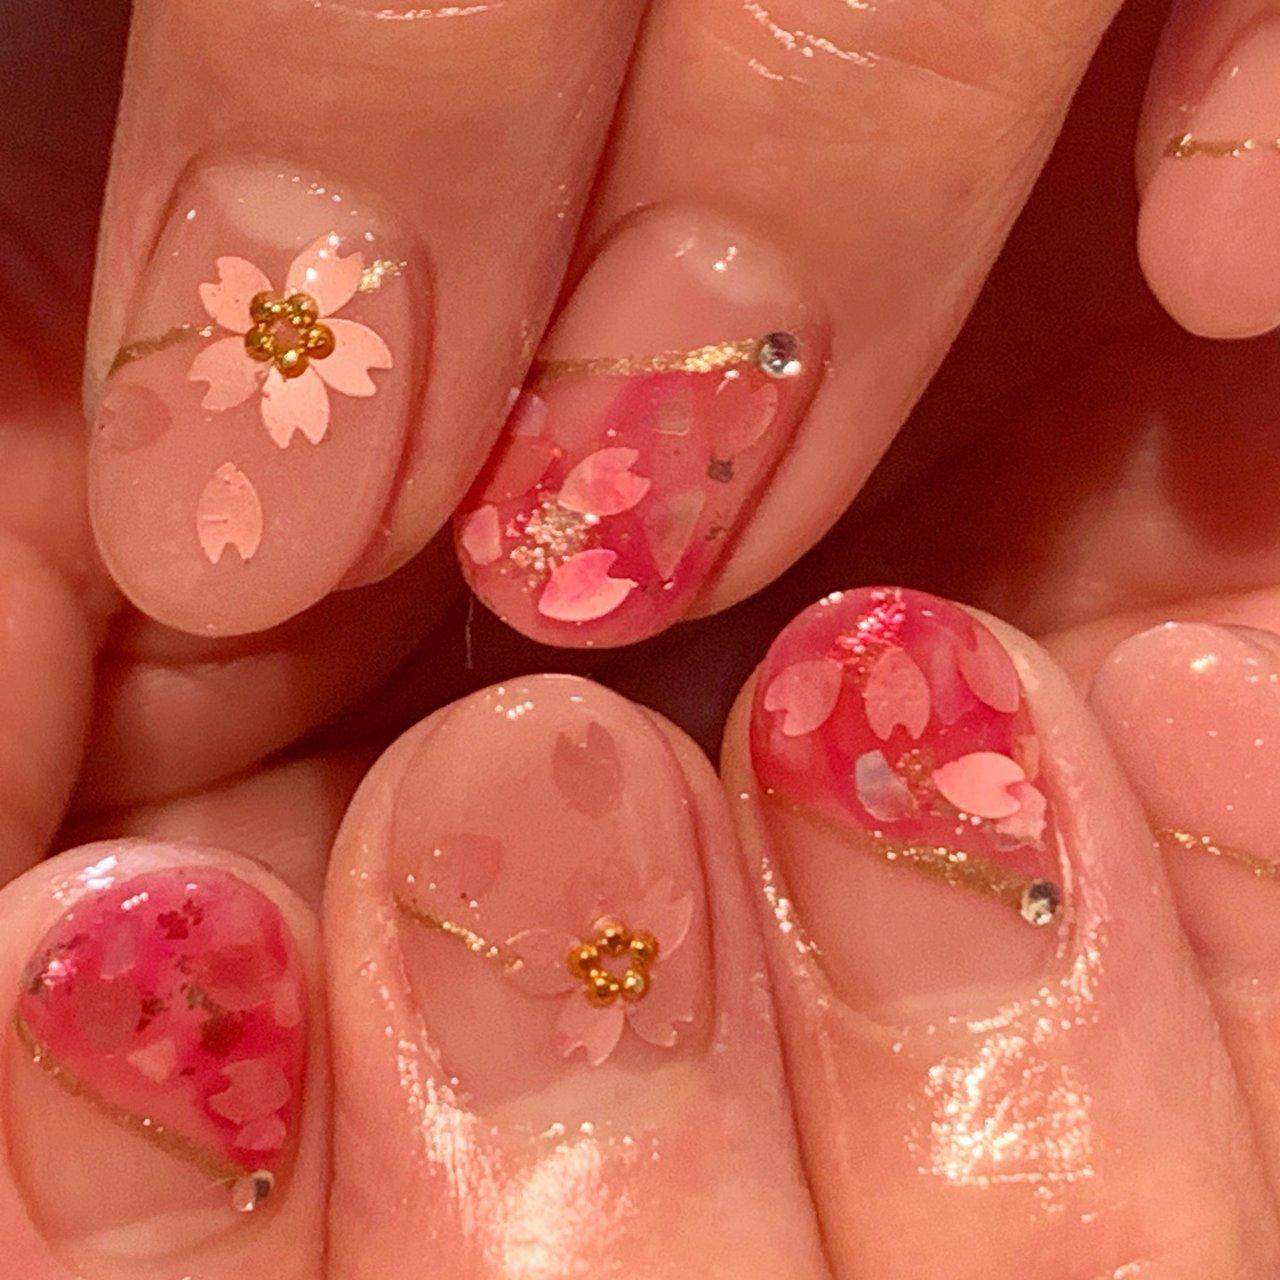 #桜ホログラム #春 #ハンド #ホログラム #ミディアム #ピンク #ジェル #お客様 #ネイルスペースR #ネイルブック